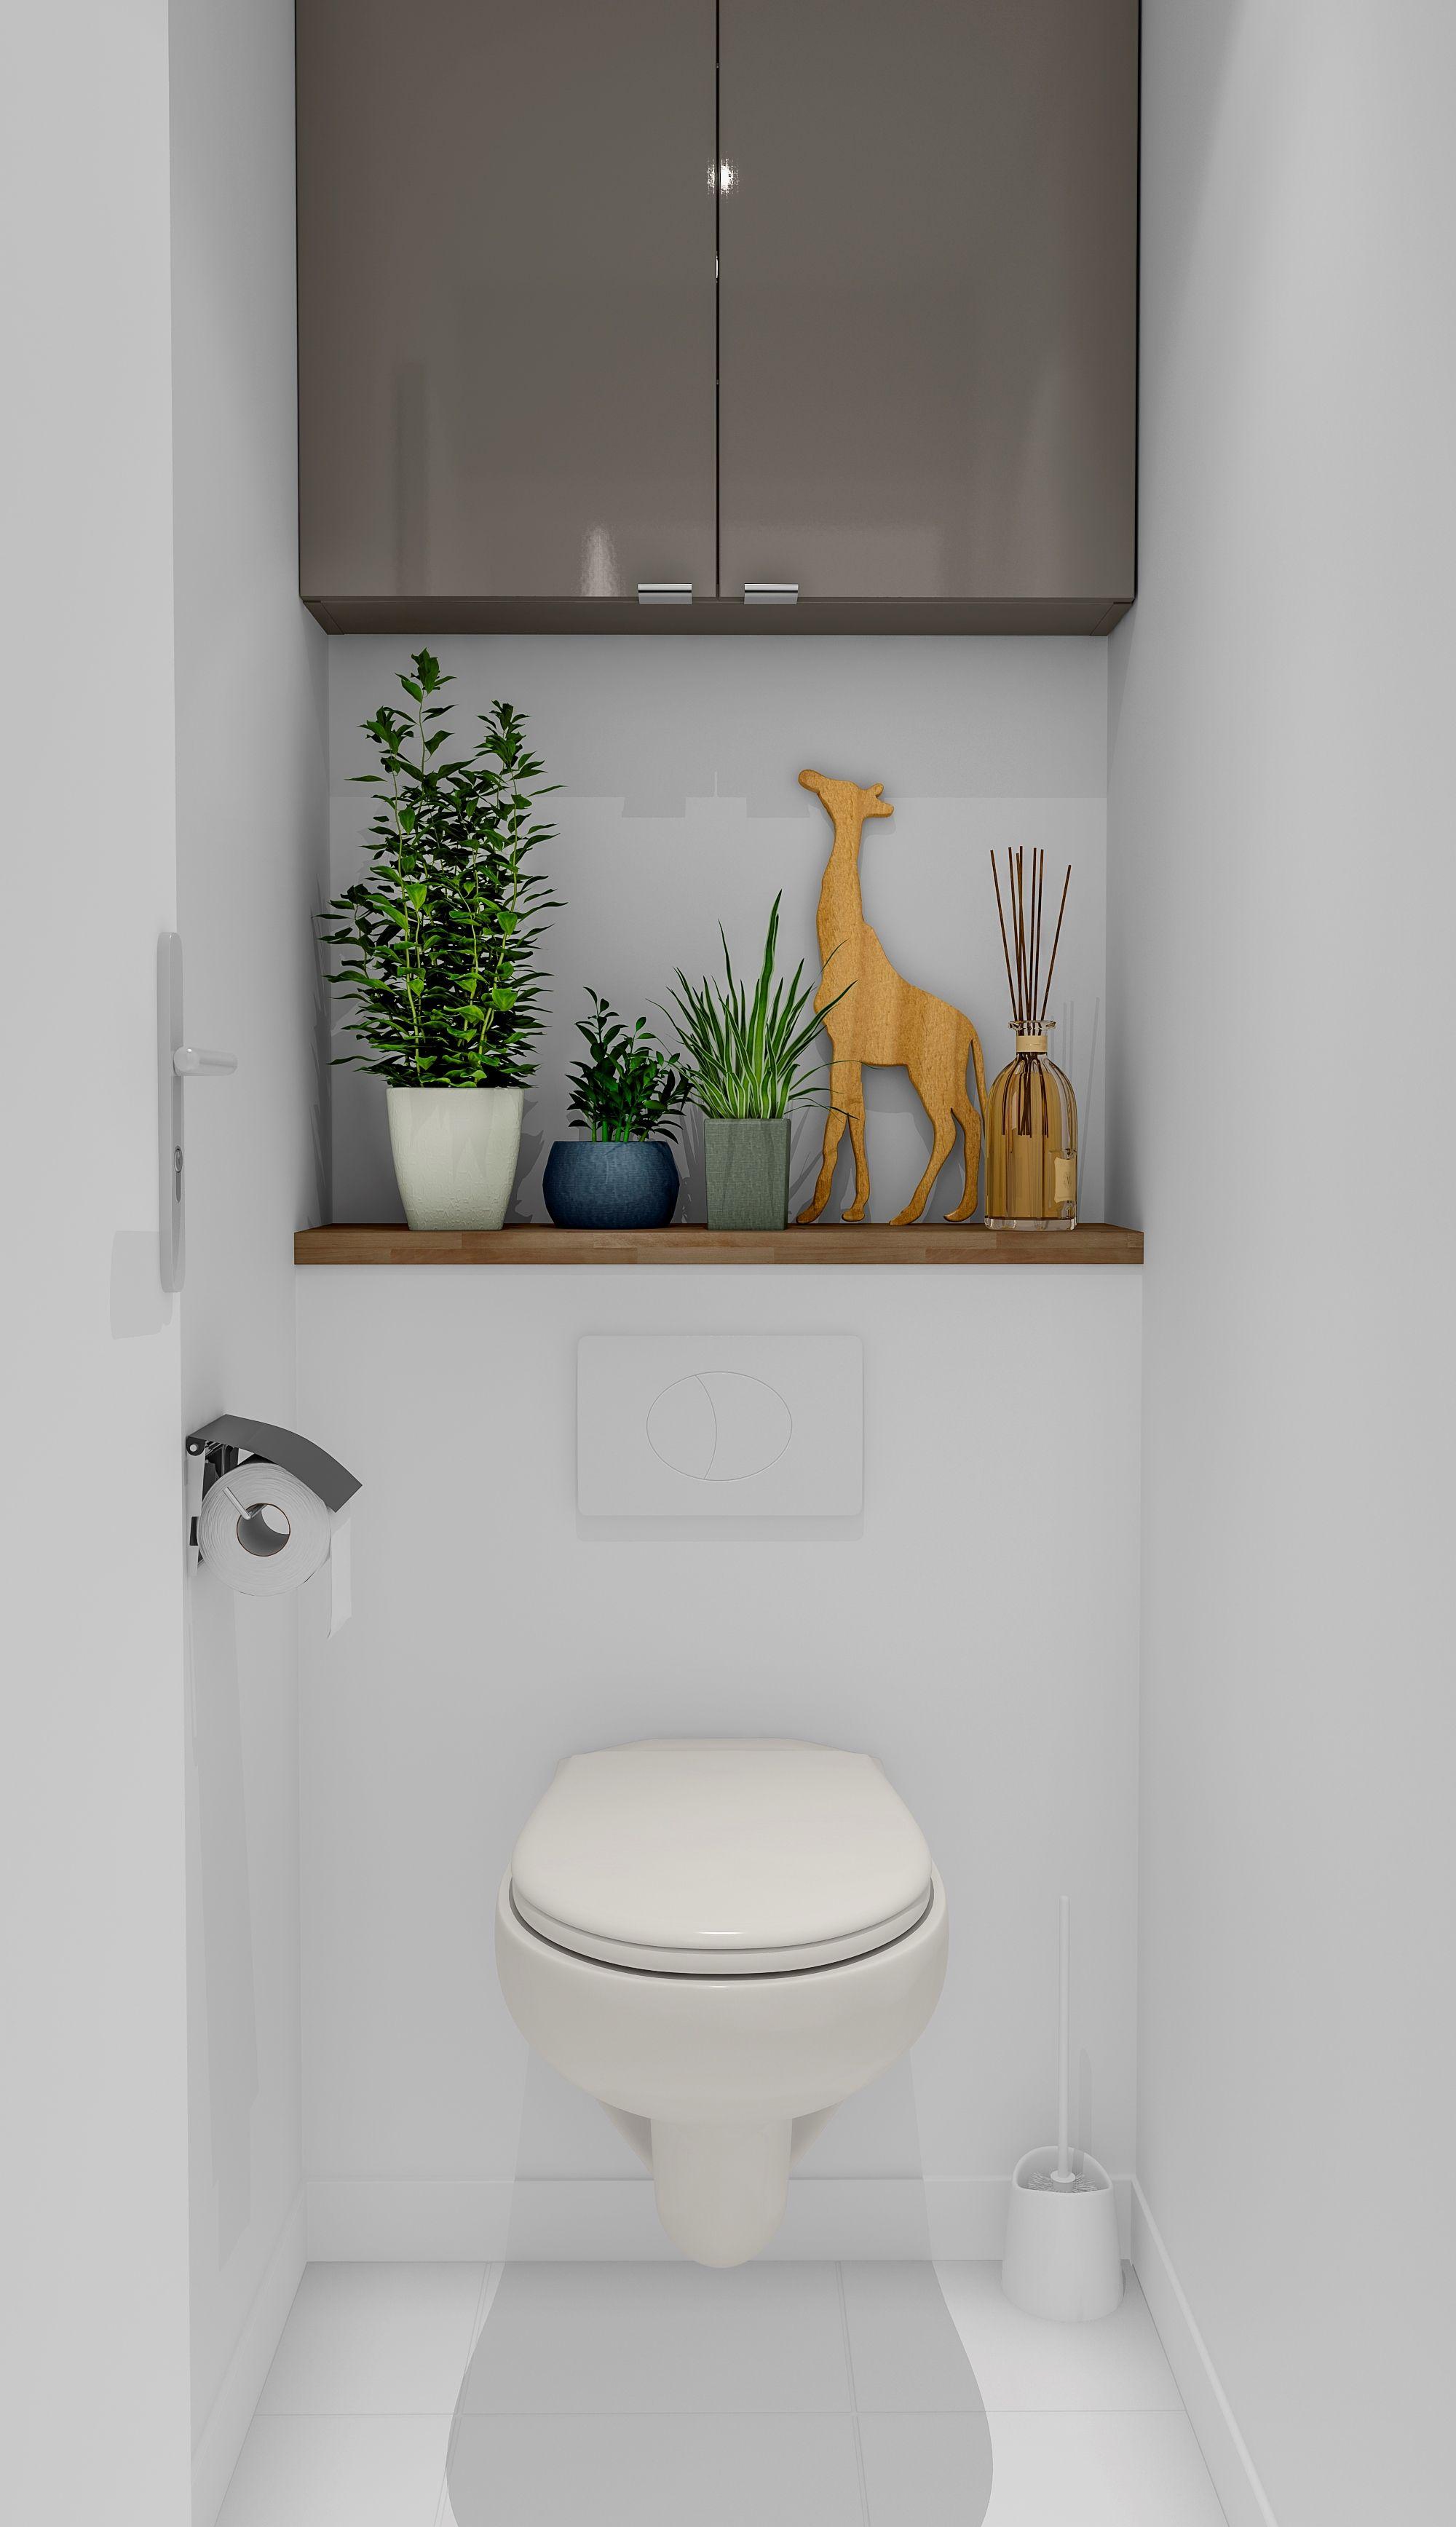 Installez Des Toilettes Separes Dans La Salle De Bains En Posant